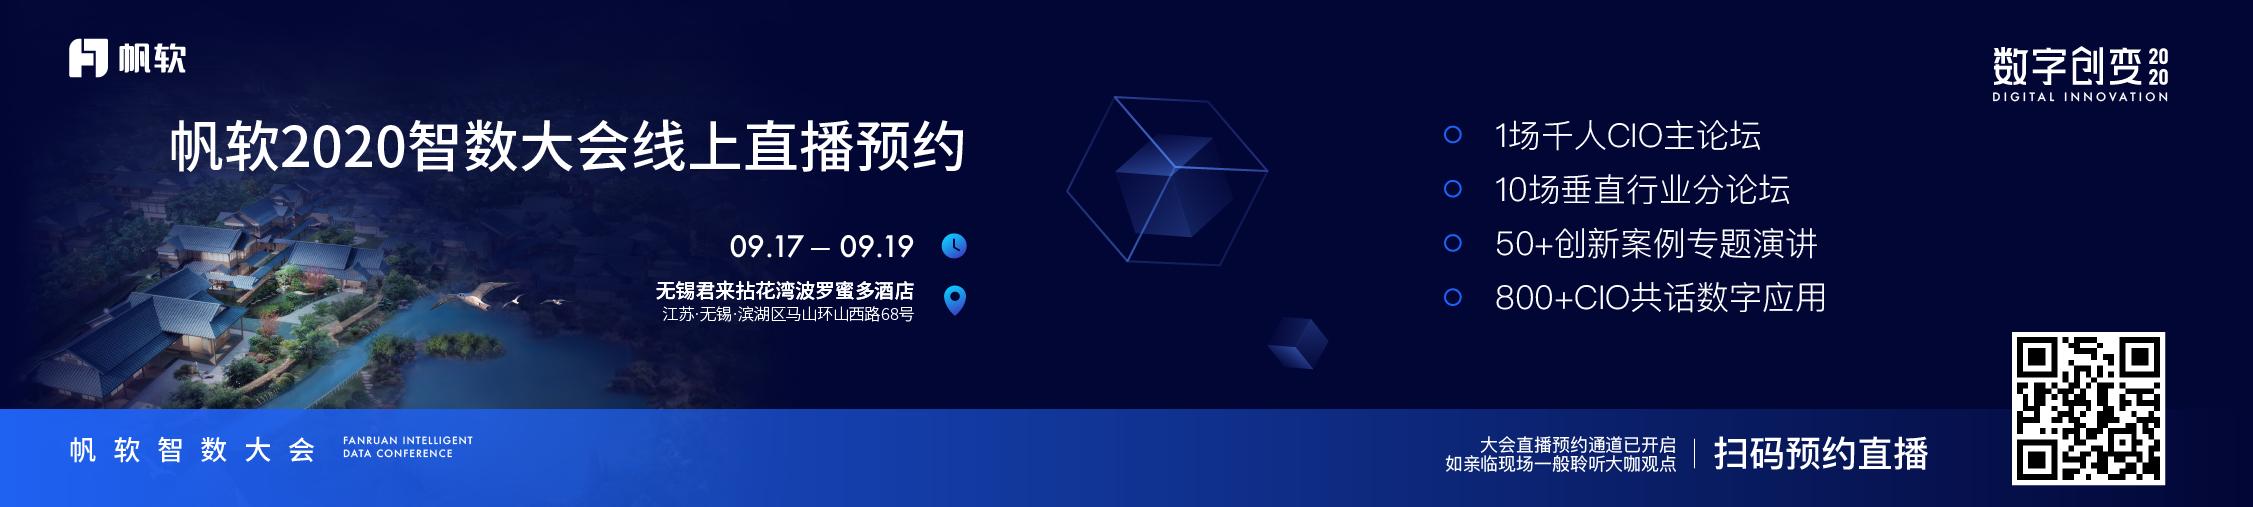 重磅!《商业智能(BI)白皮书2.0》将在帆软智数大会上进行发布